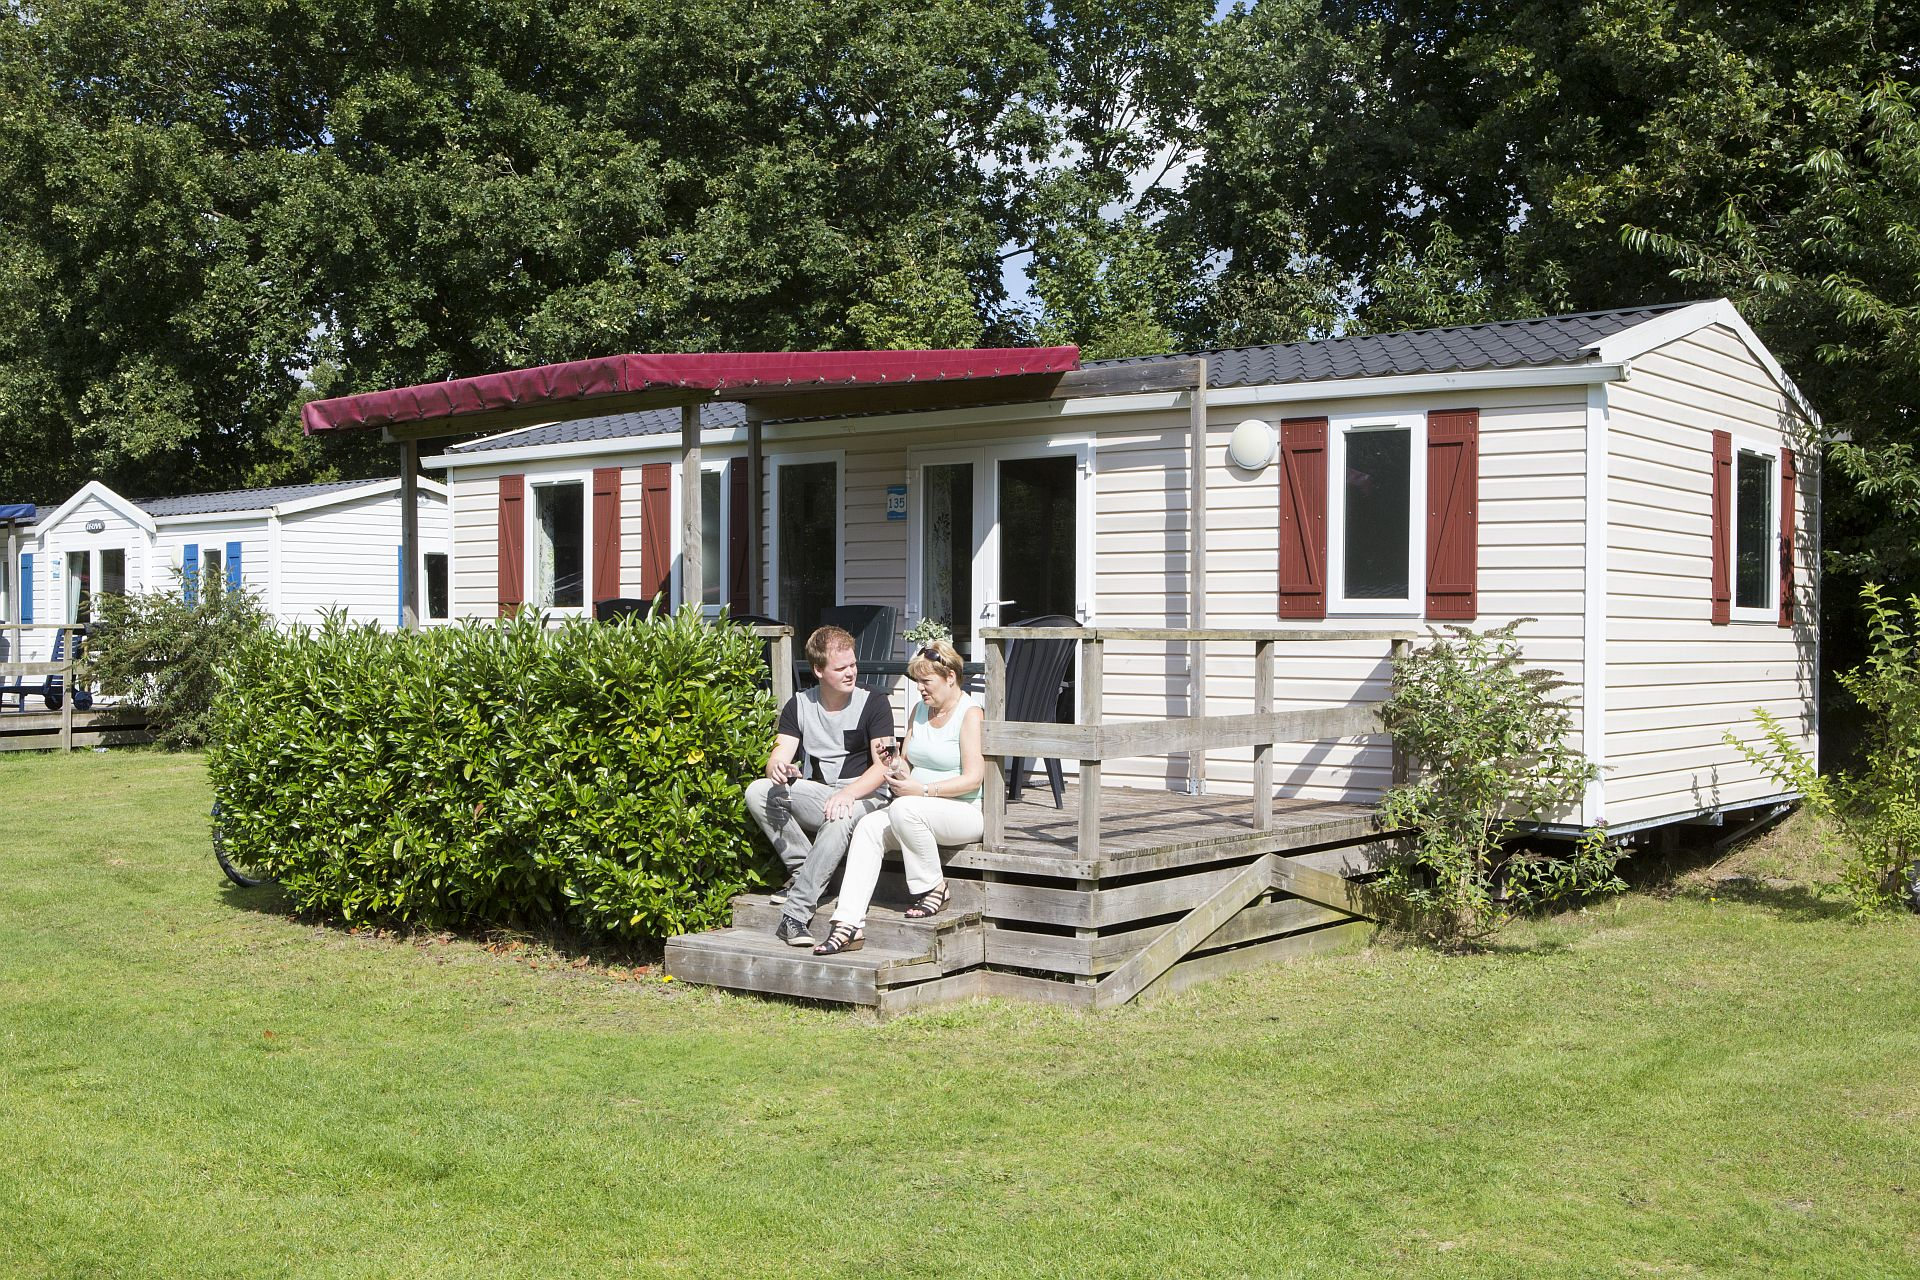 Urlaub mit Hund auf 5-Sterne Campingplatz Het Stoetenslagh - Urlaub mit Hund